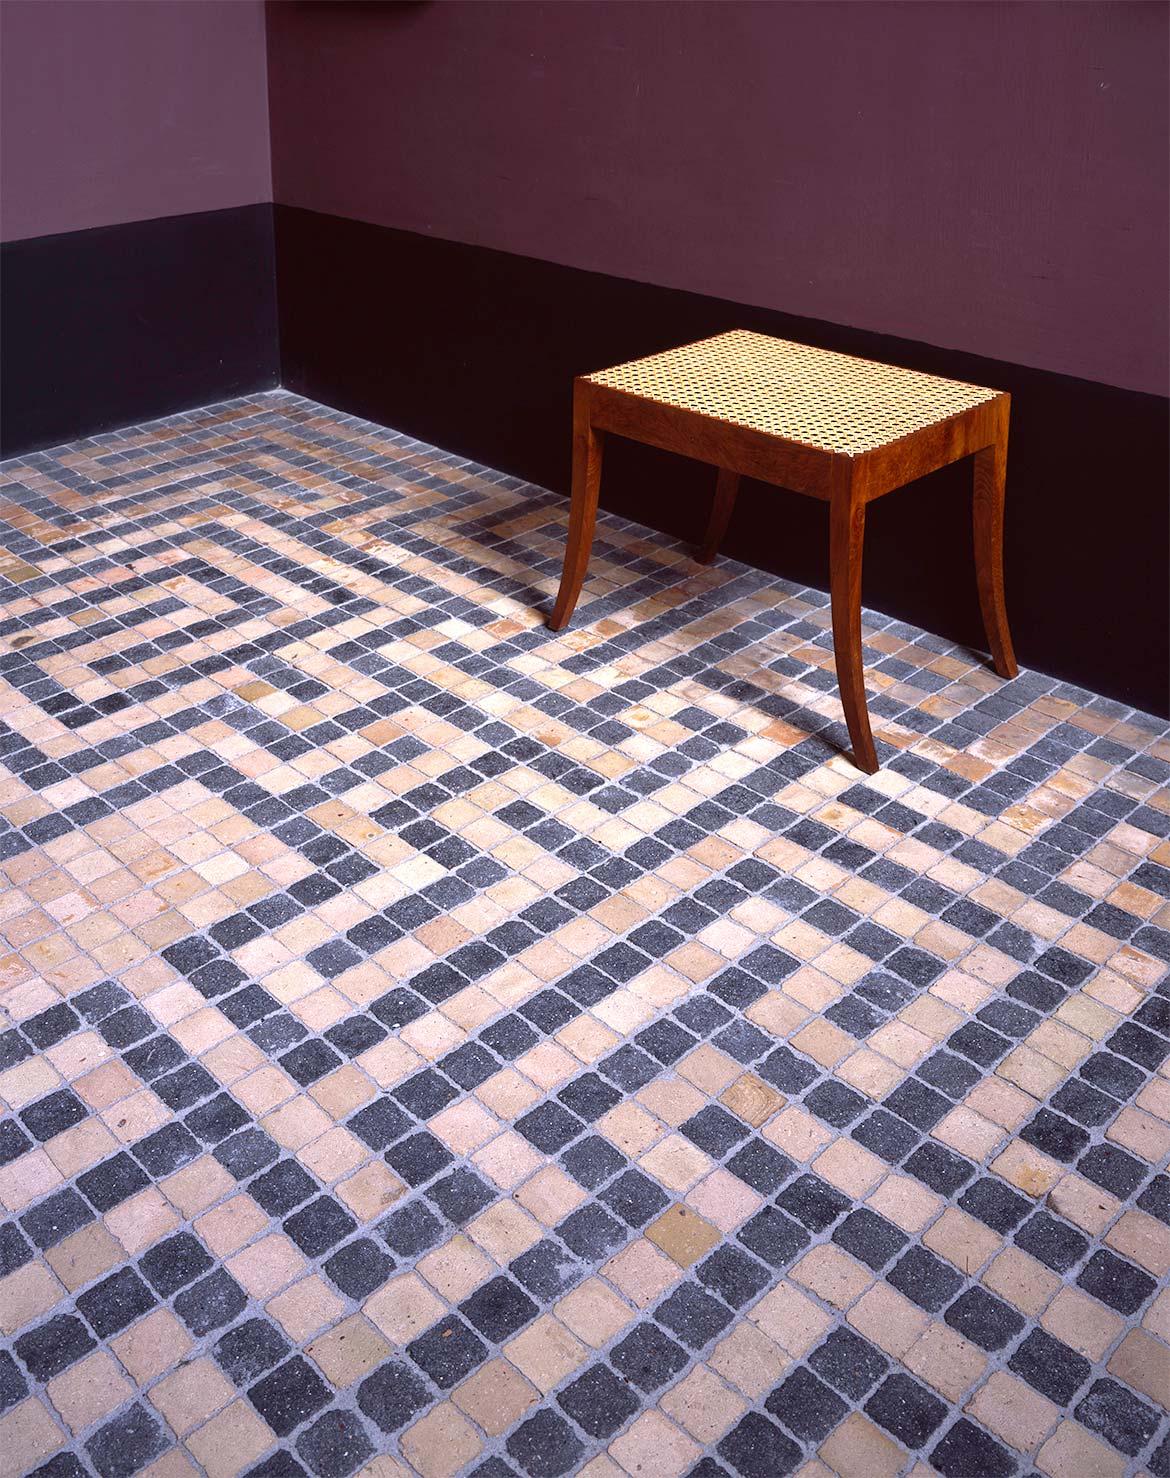 Floor mosaic in gallery bay 6 with stool by Carl Petersen and Kaare Klint.